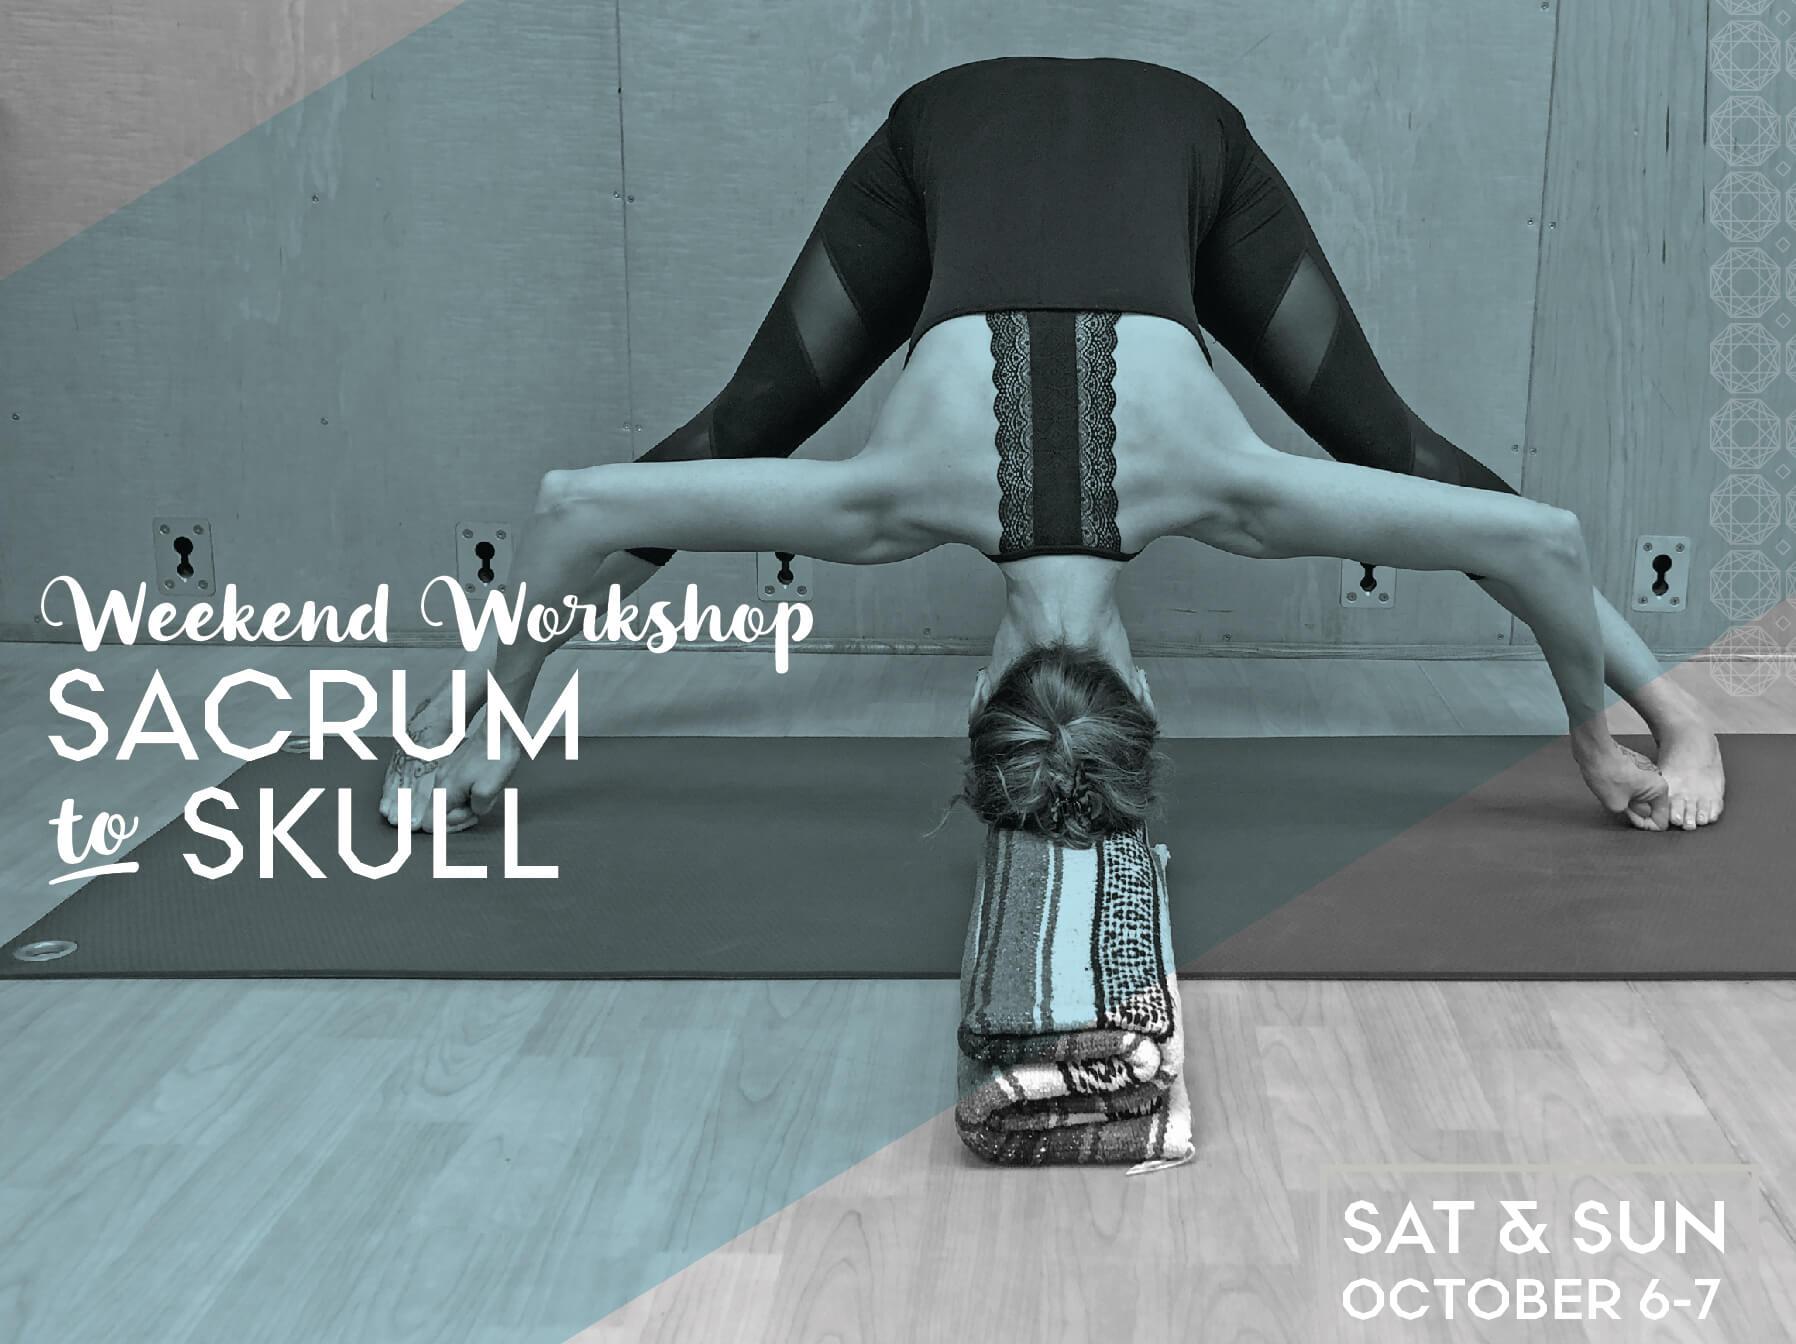 Sacrum to Skull: Weekend Workshop